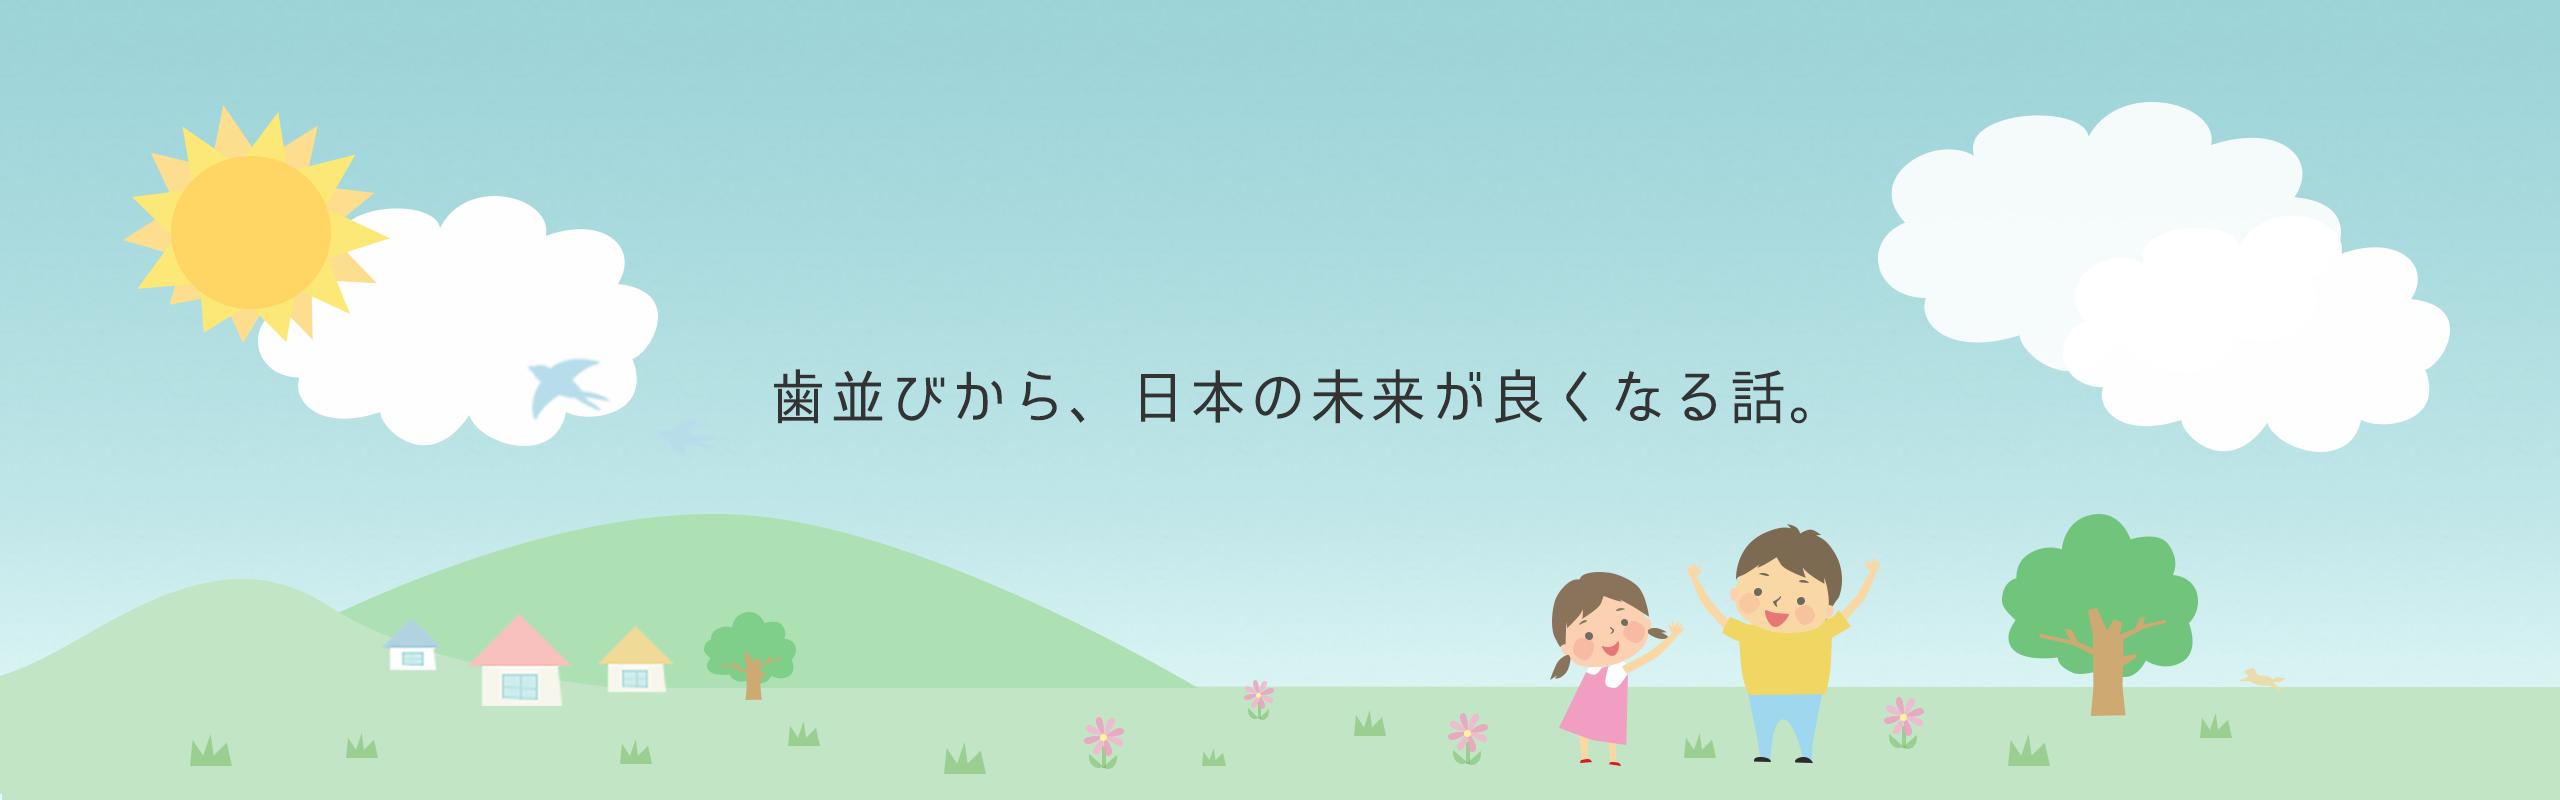 歯並びから日本の未来が良くなる話